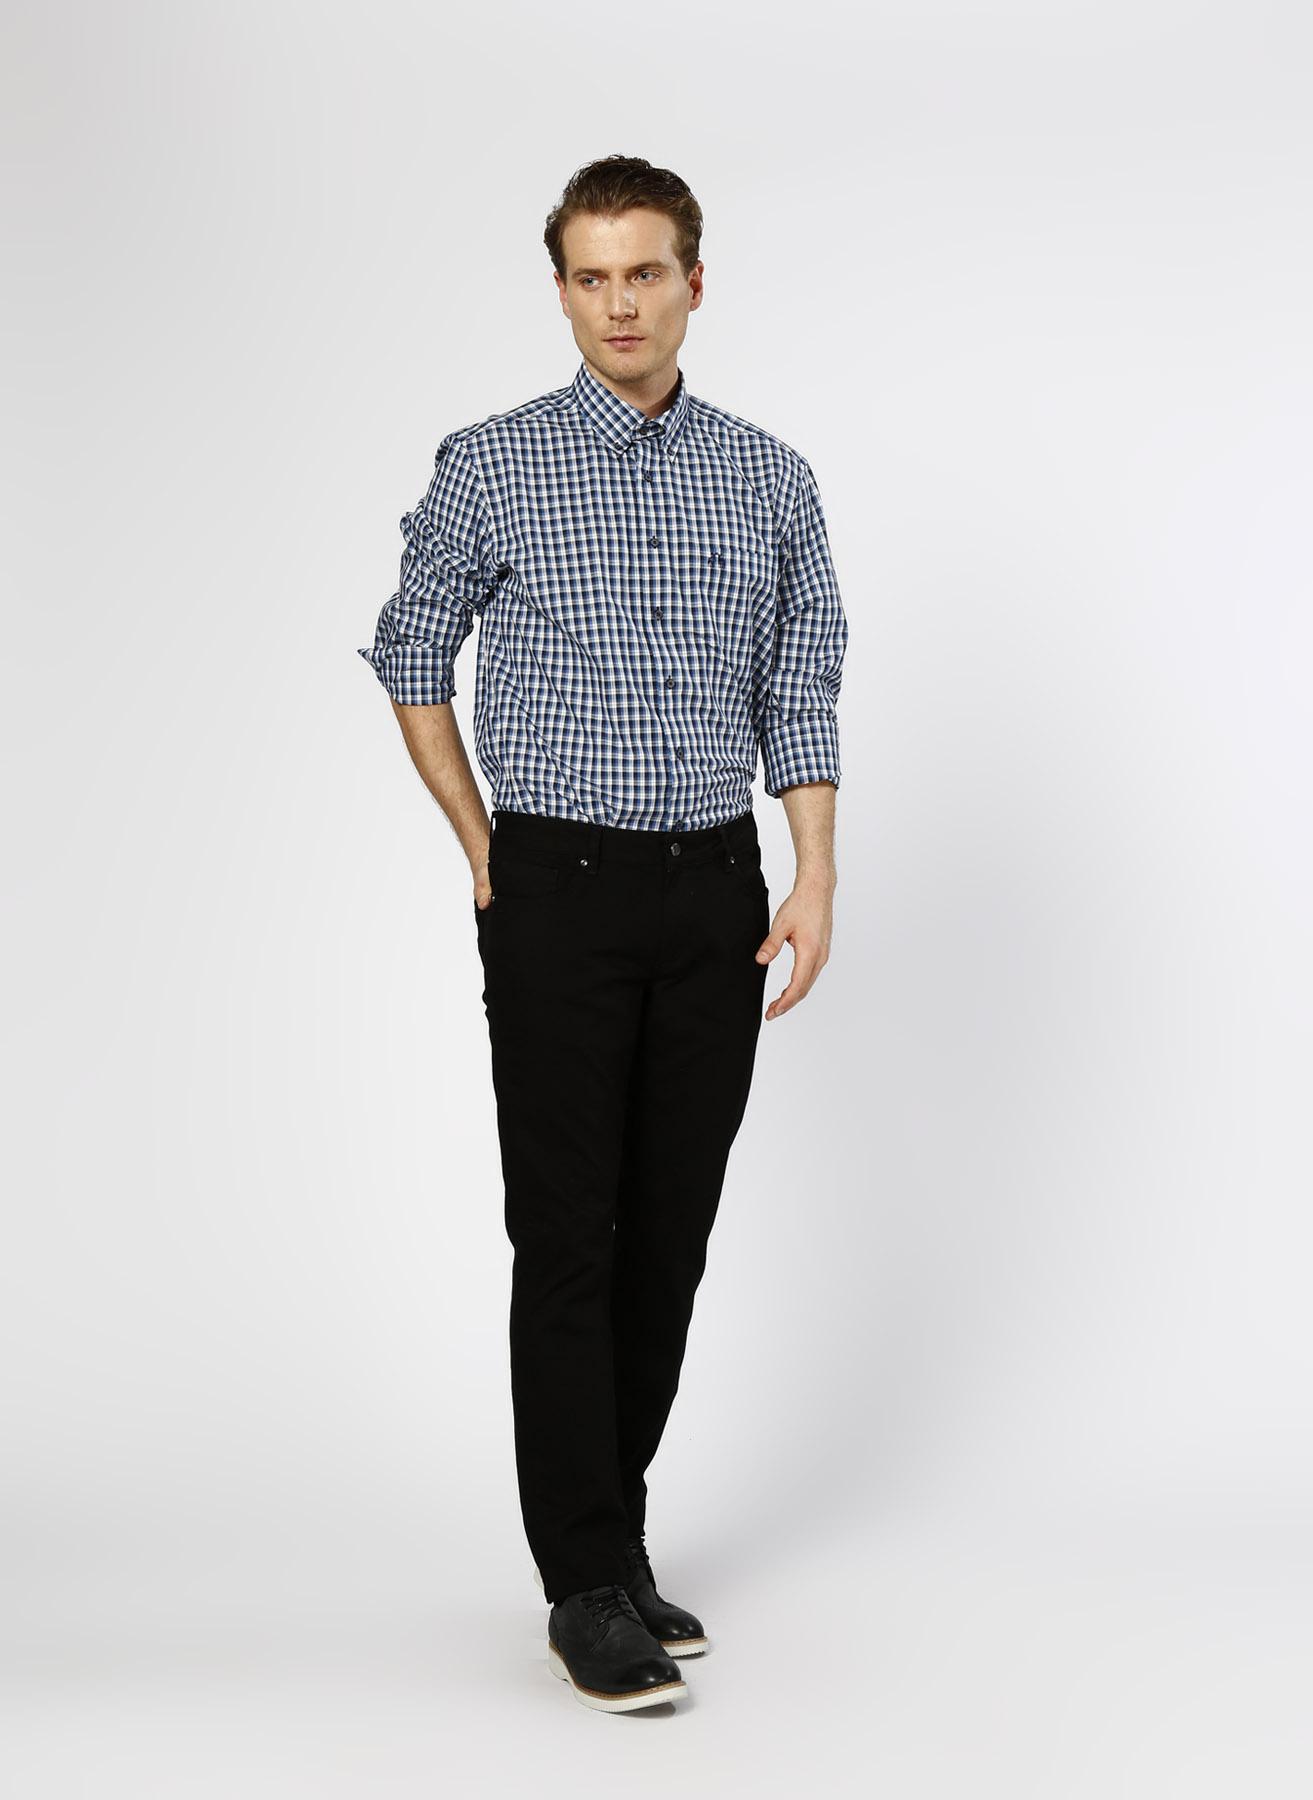 George Hogg Siyah Casual Klasik Pantolon 32-33 5000204014005 Ürün Resmi